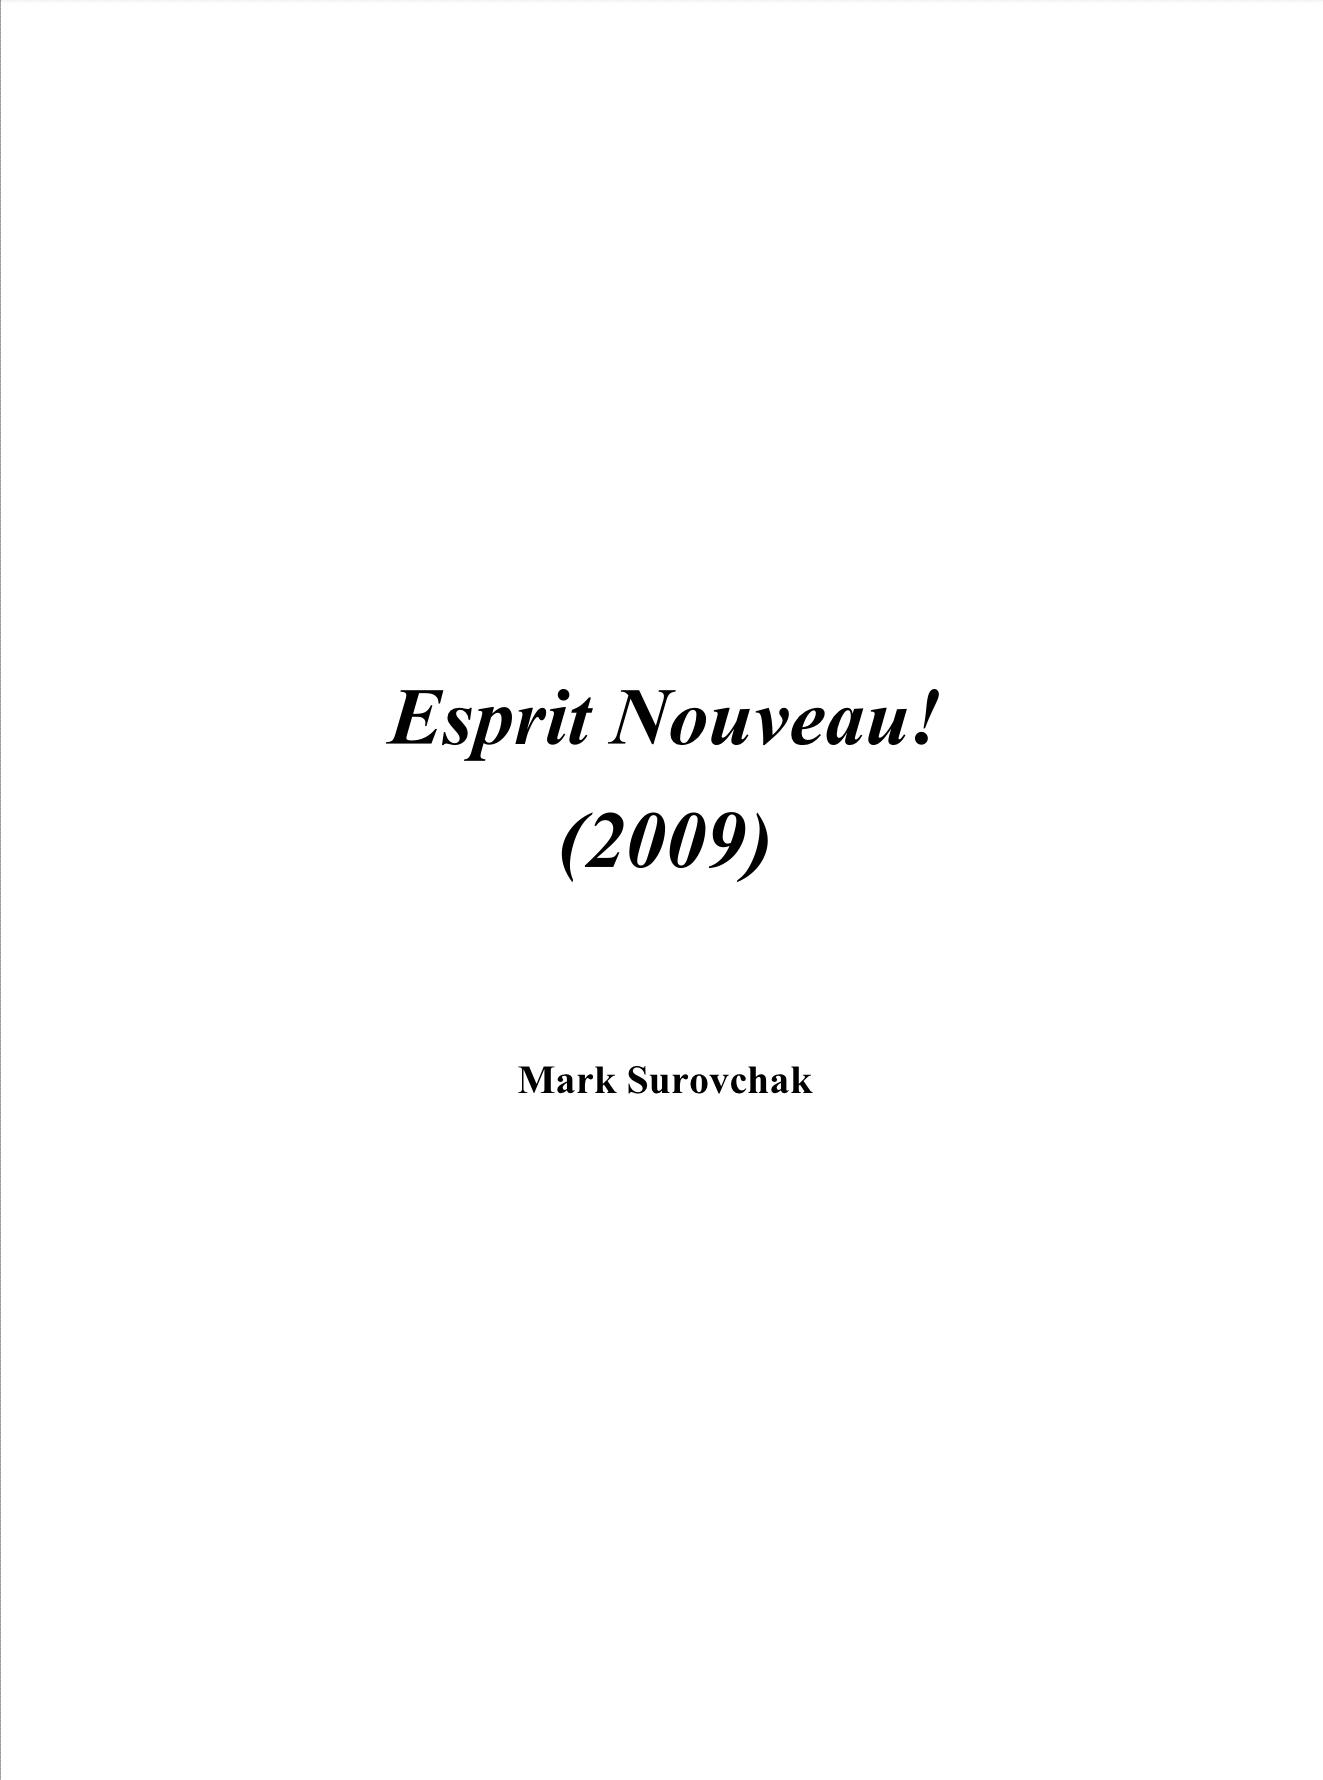 Esprit Nouveau! by Mark Surovchak